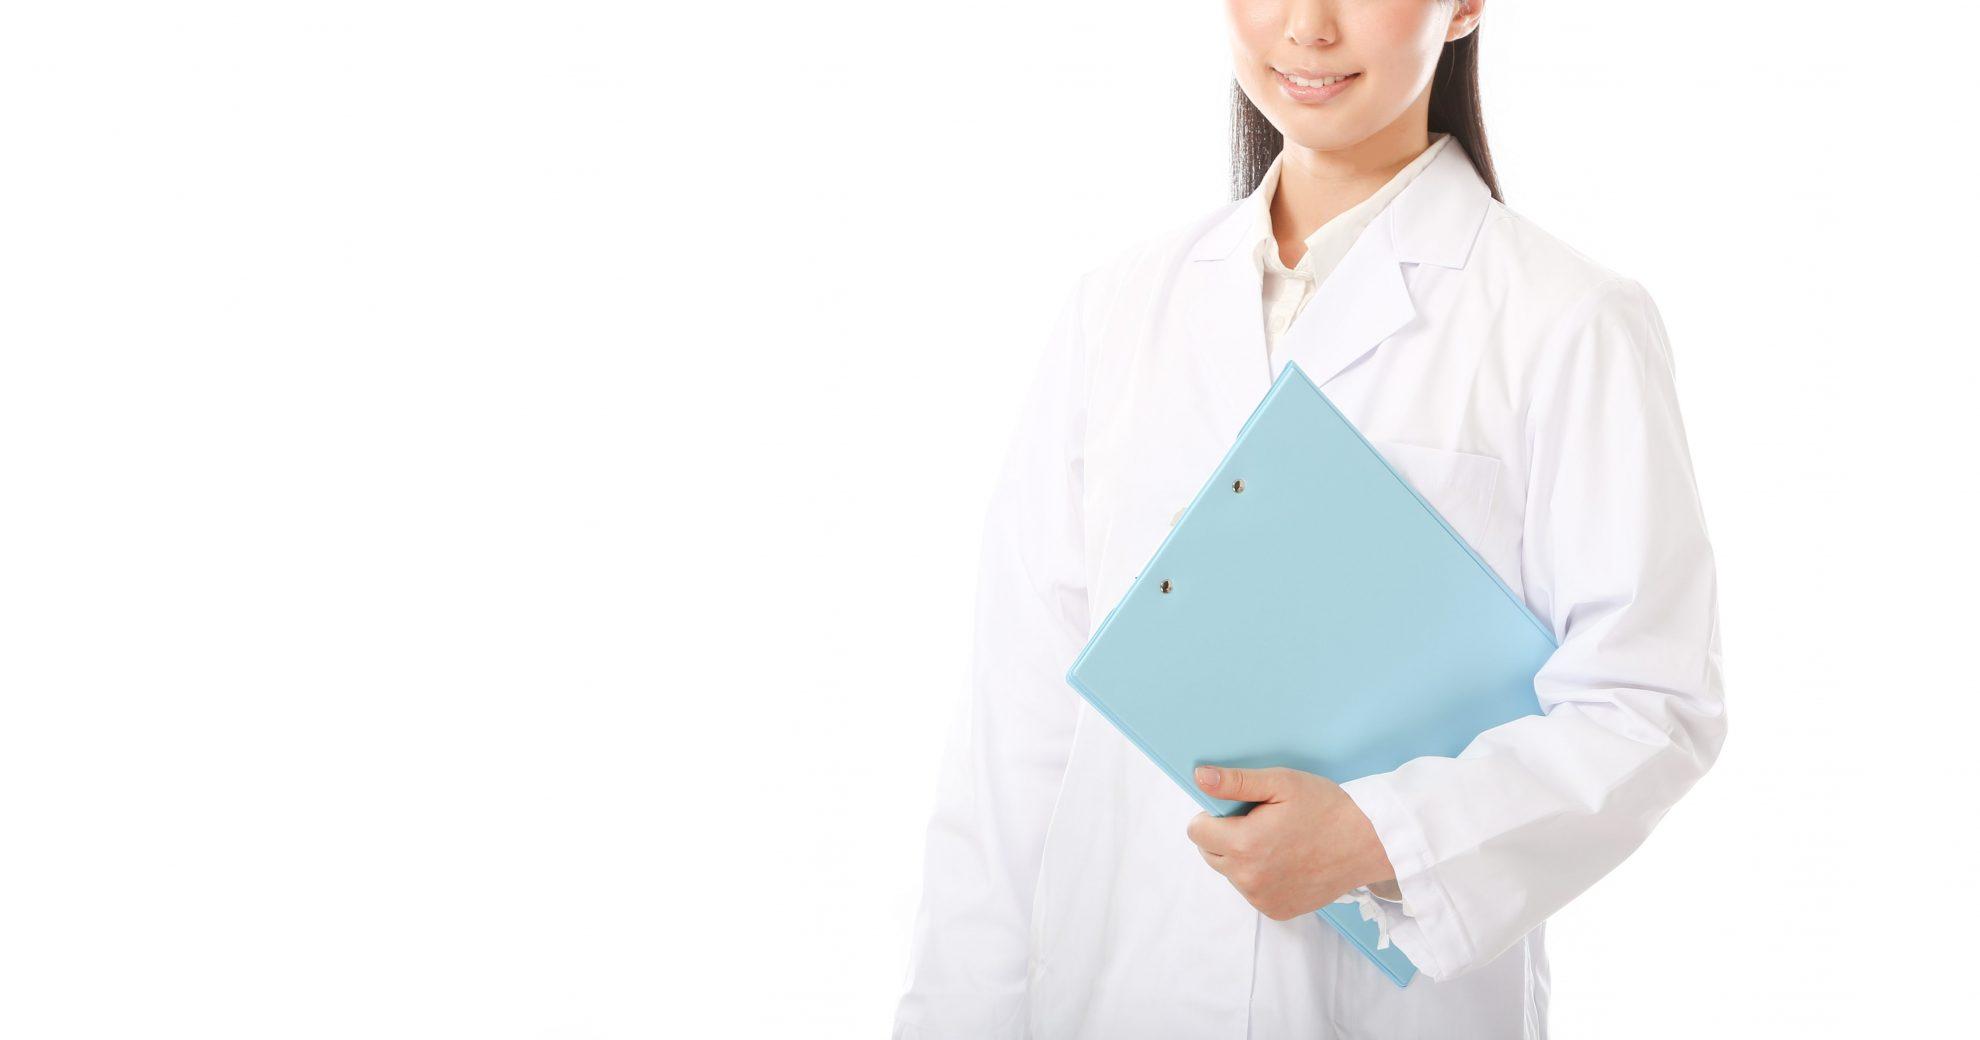 看護職の働き方改革その1  ワーク・ライフ・バランスを実現するためにのアイキャッチ